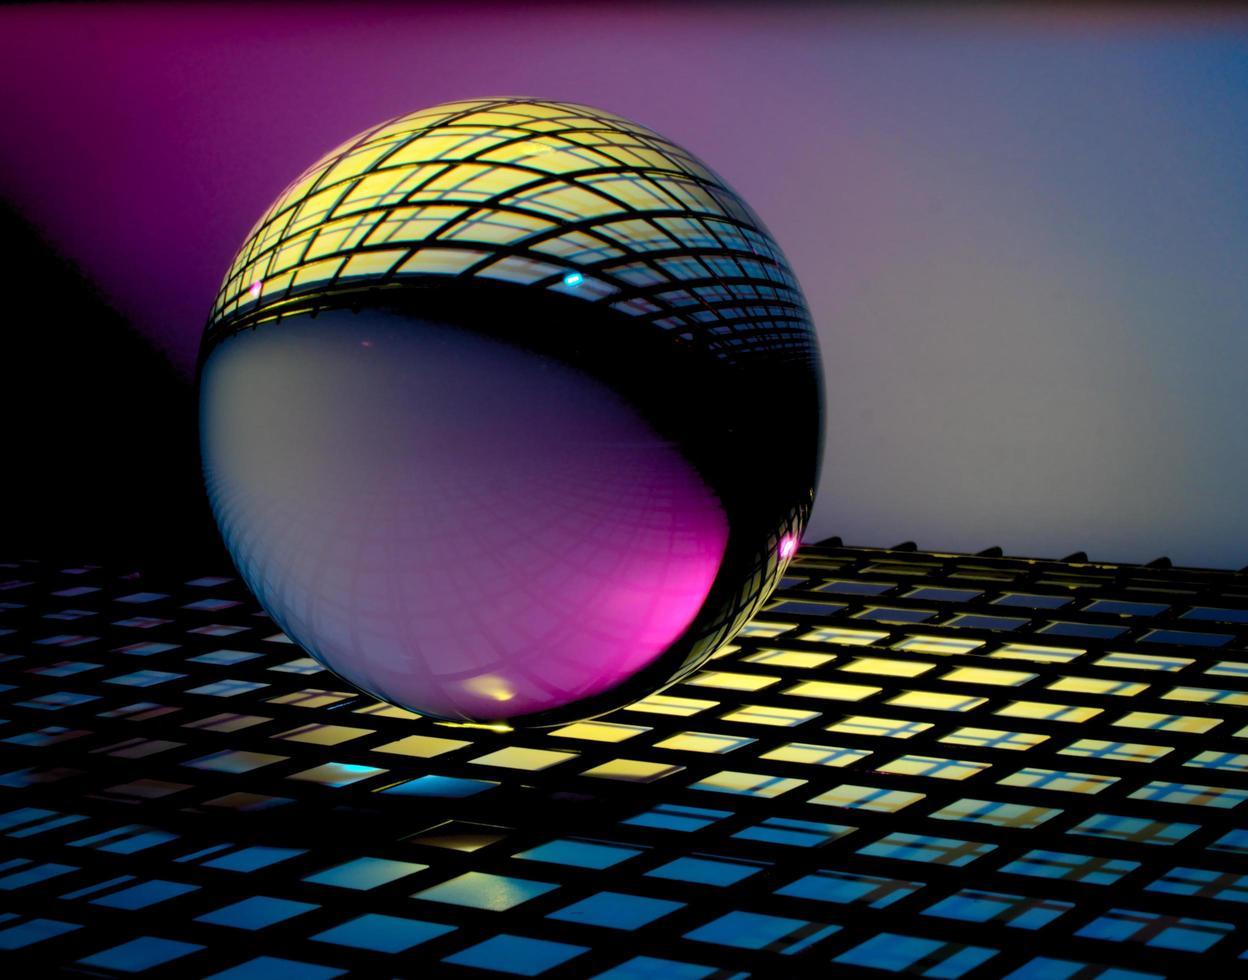 bola de cristal en superficie colorida foto